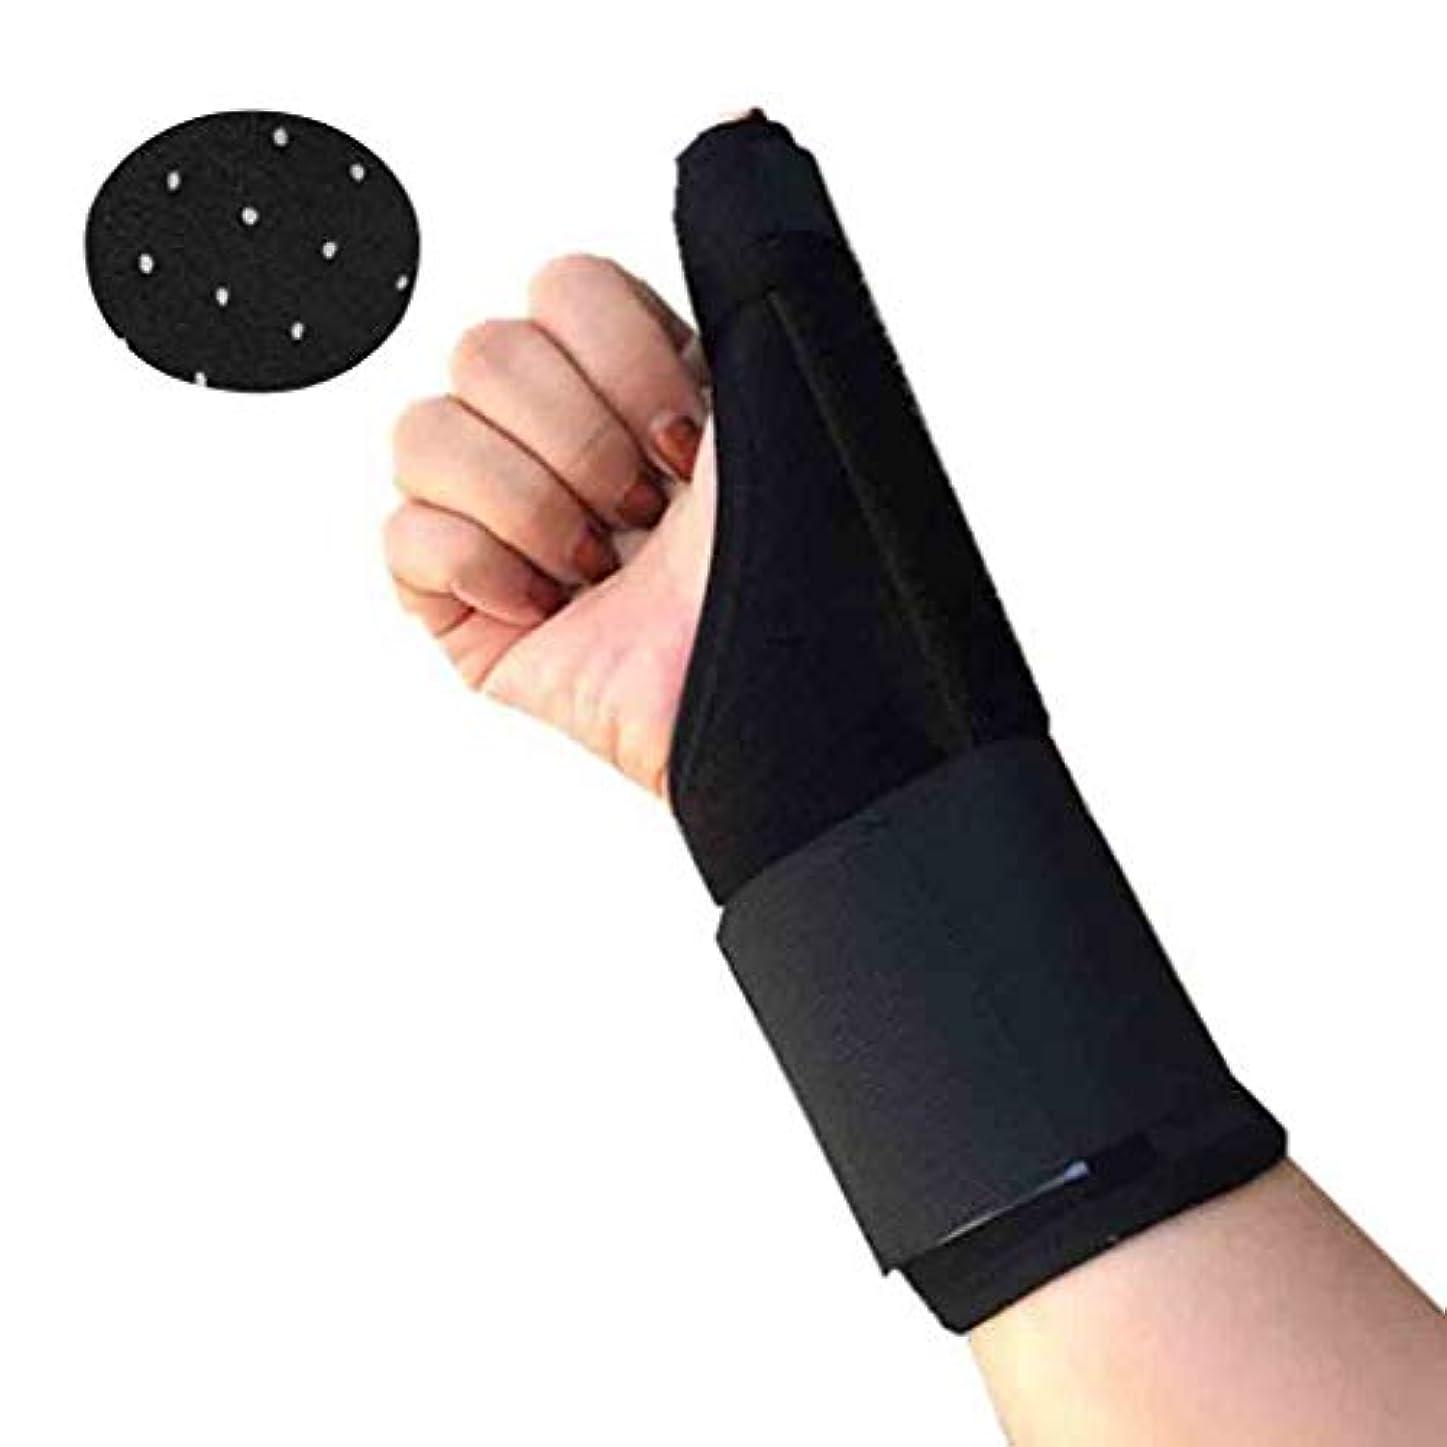 エミュレーション夕食を作る甘やかす関節炎のThumbスプリントは、手根管トンネルのThumb関節Thumbブレースを固定する手首の痛みの救済は、右手と左手の両方にフィット Roscloud@